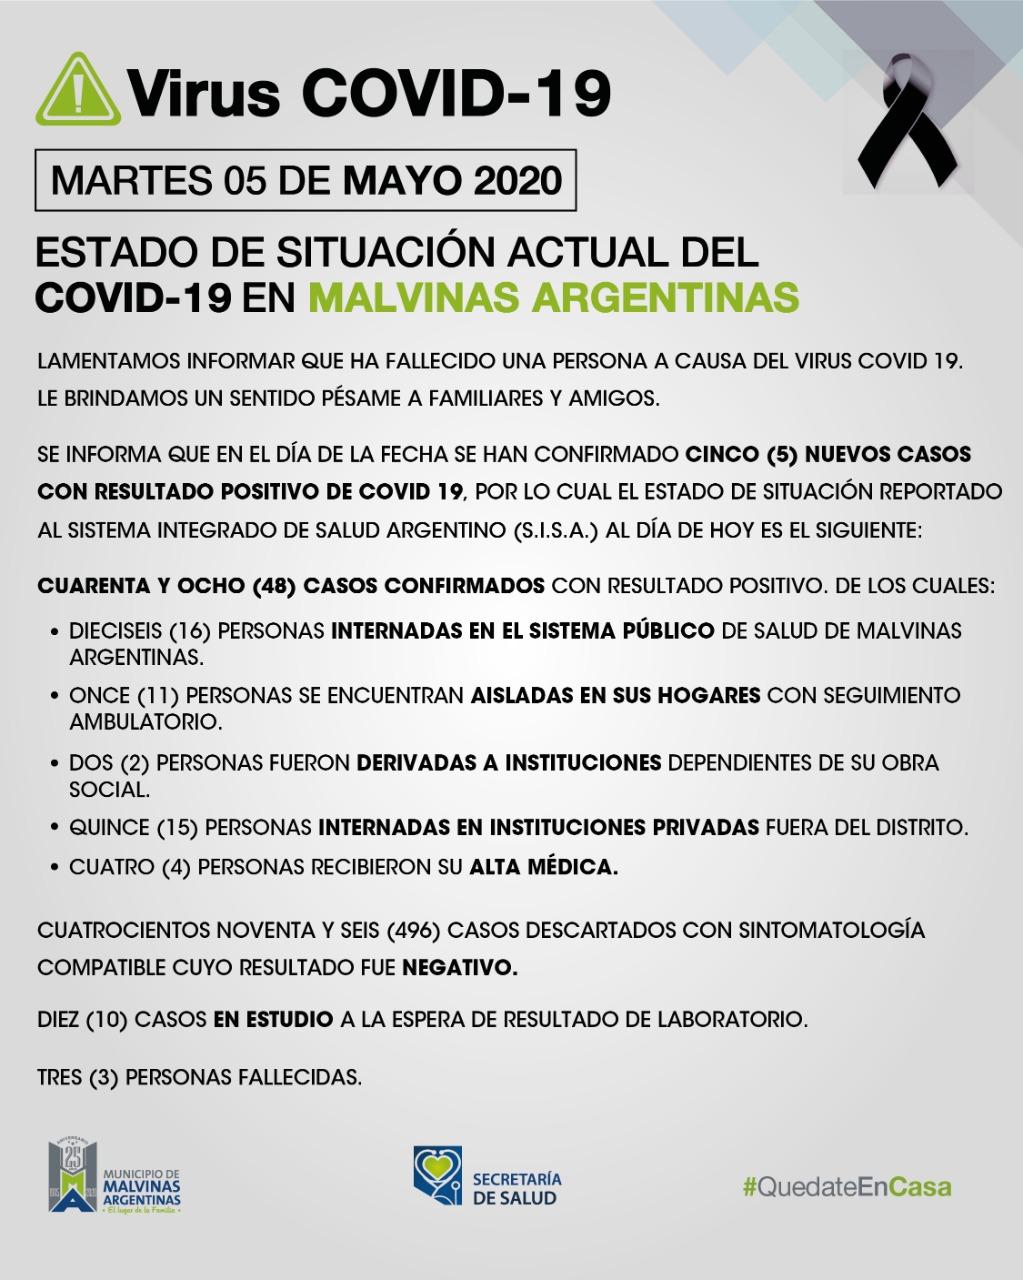 Malvinas Argentinas: martes con 5 nuevos casos de coronavirus. Covid_27